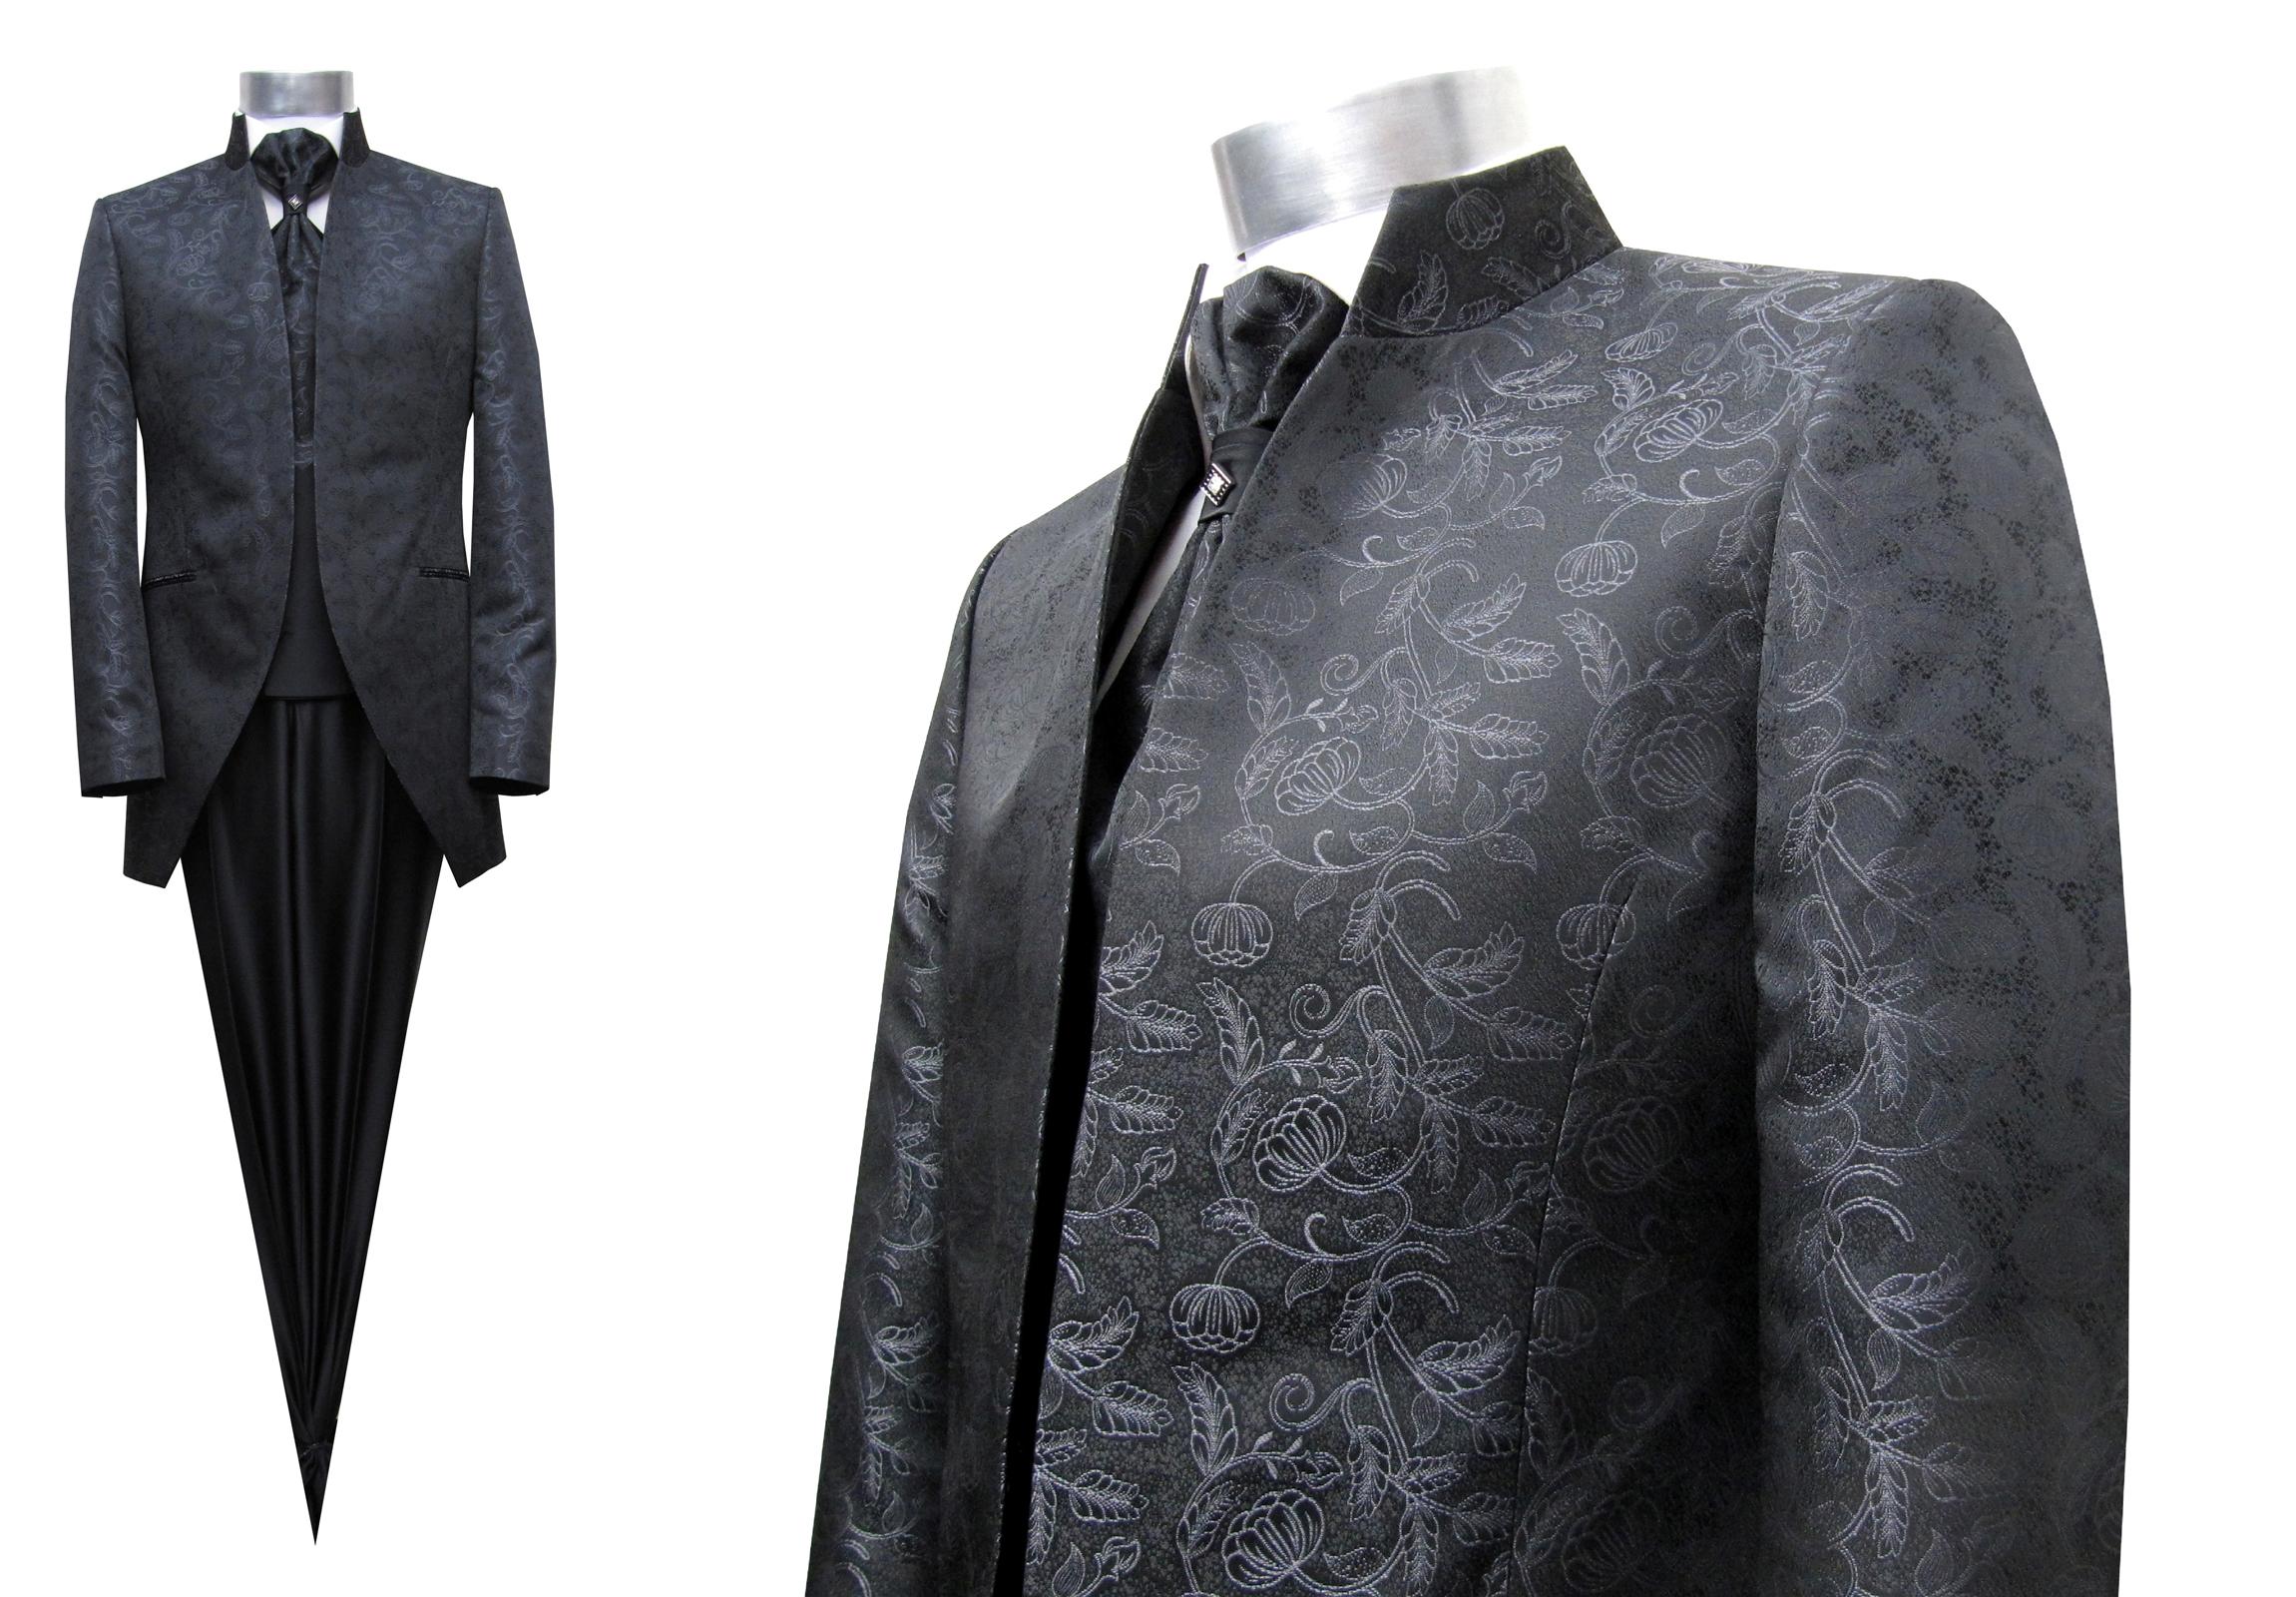 Stehkragen Gehrock Herren Anzug Hochzeitsanzug - Muga